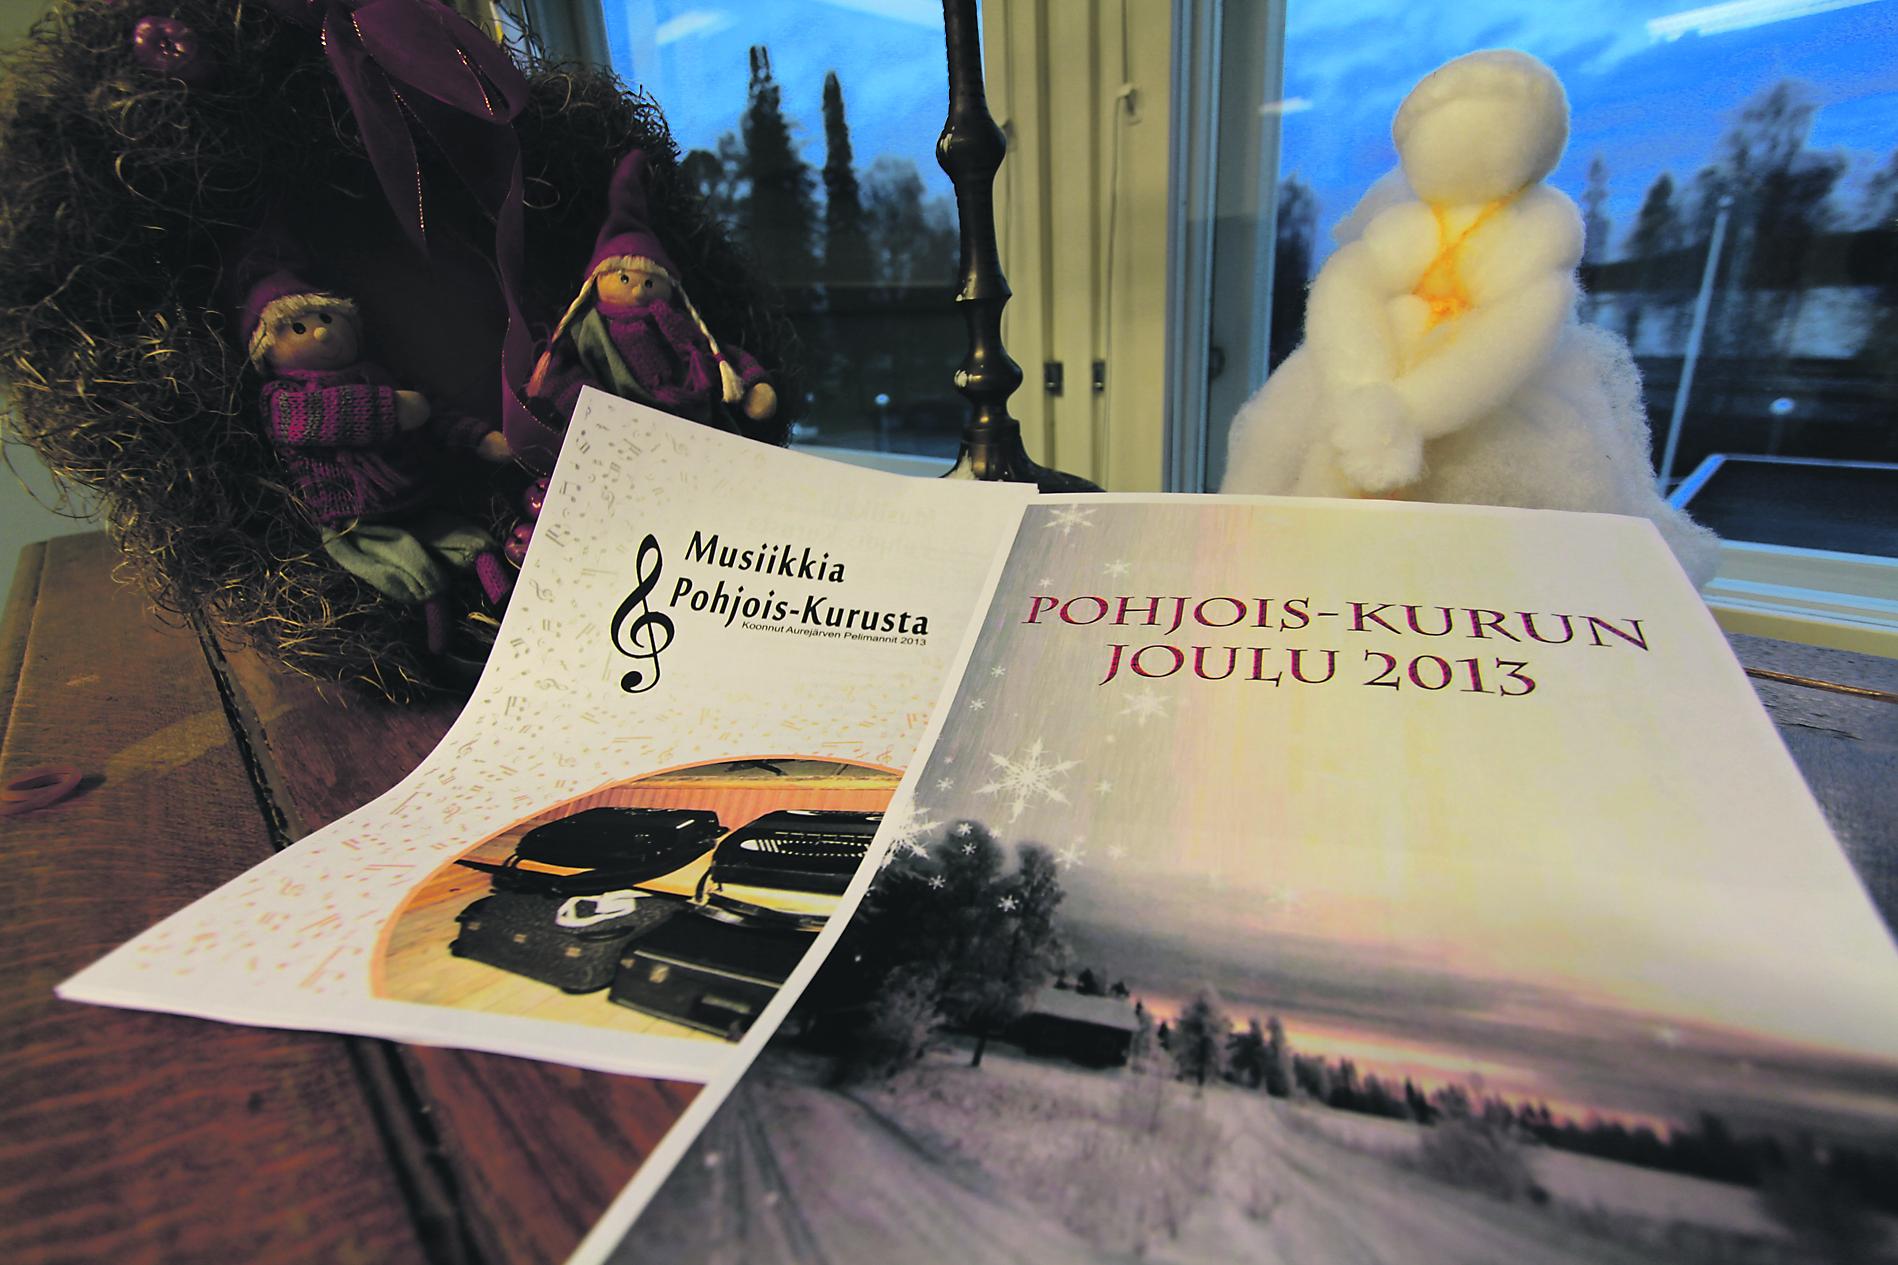 joulu musiikkia